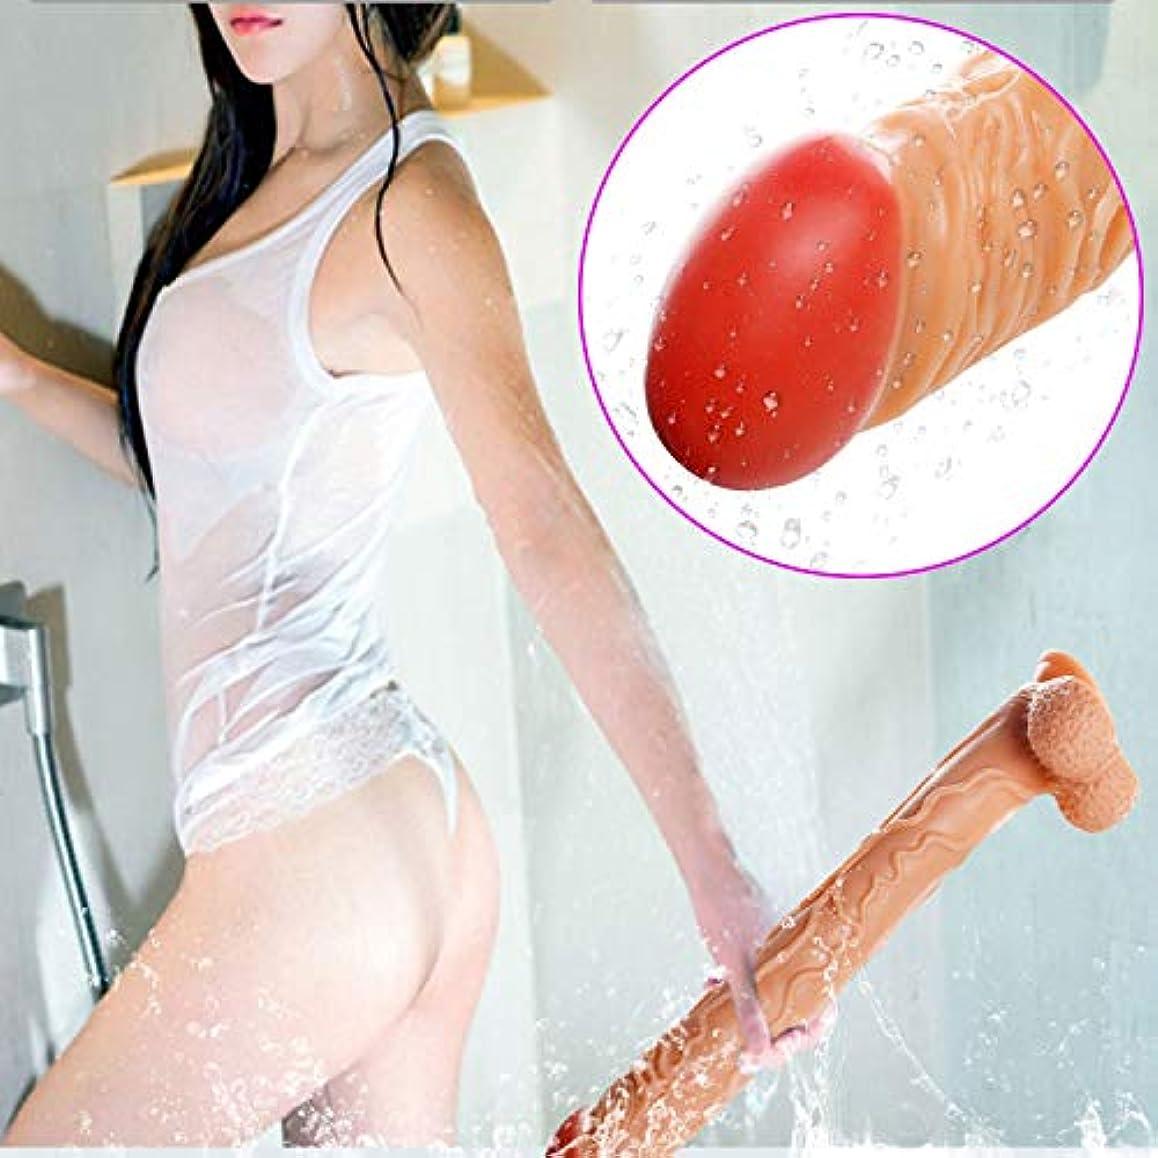 ショップアラートメディックFHLJ 16.4インチの過剰シリコン?î`ld?s 'MasssǎgerWand Topnotch Personal Body Massage Wand